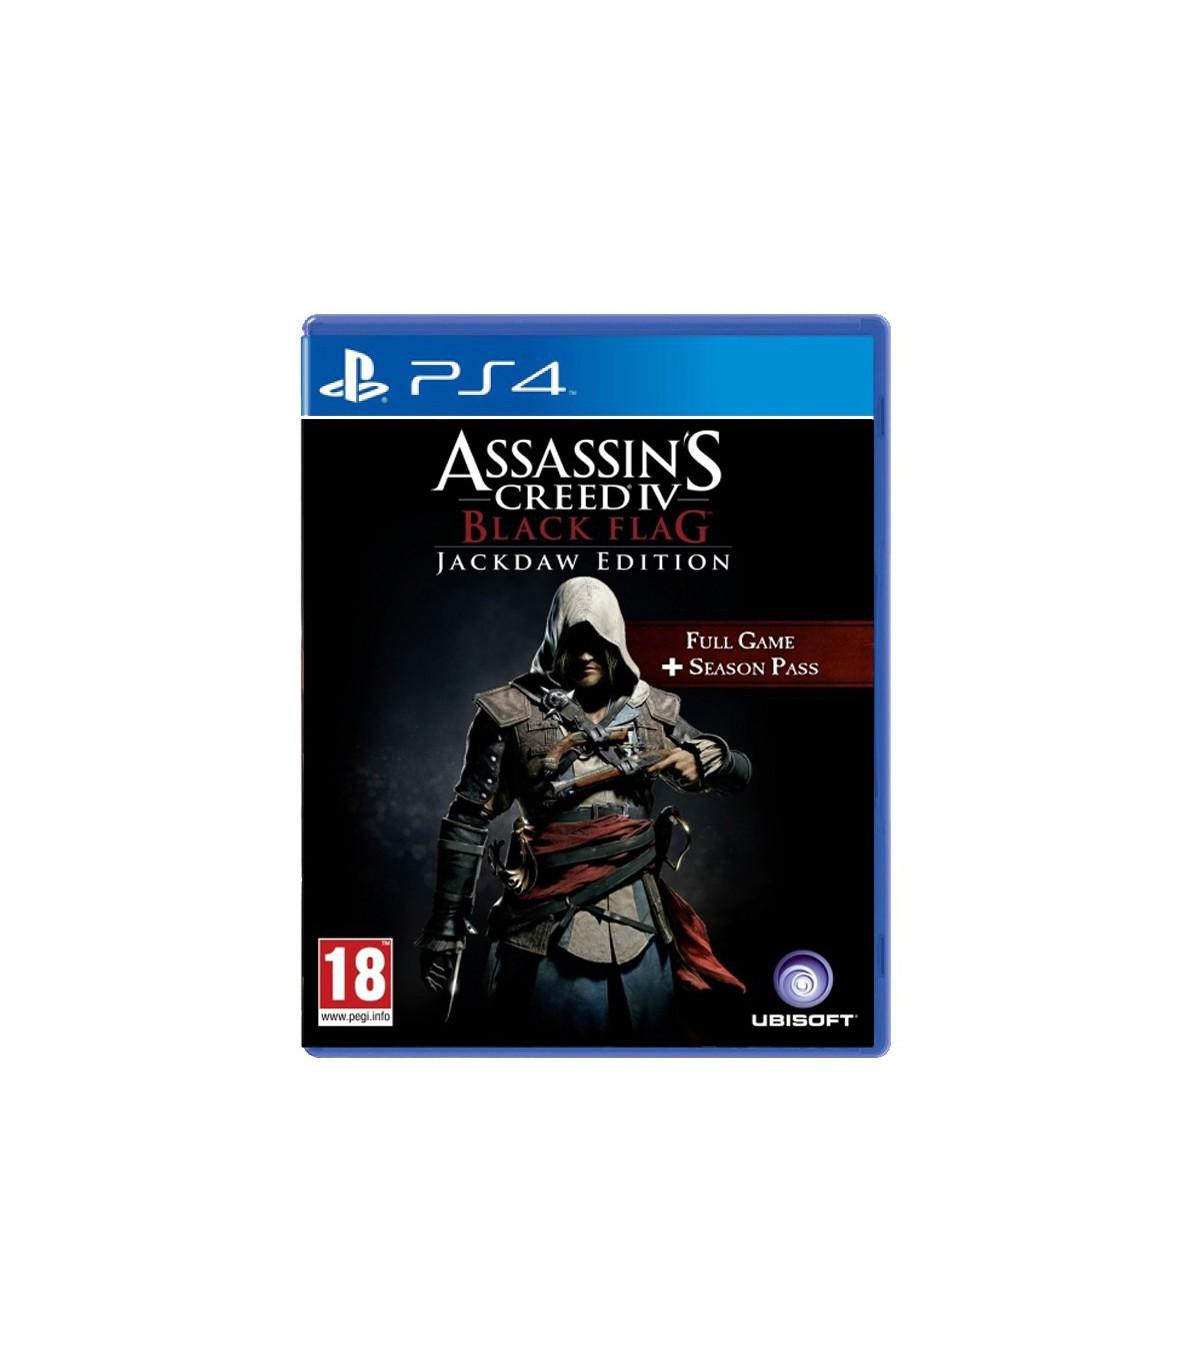 بازی Assassin's Creed IV Black Flag Jackdaw Edition - پلی استیشن 4